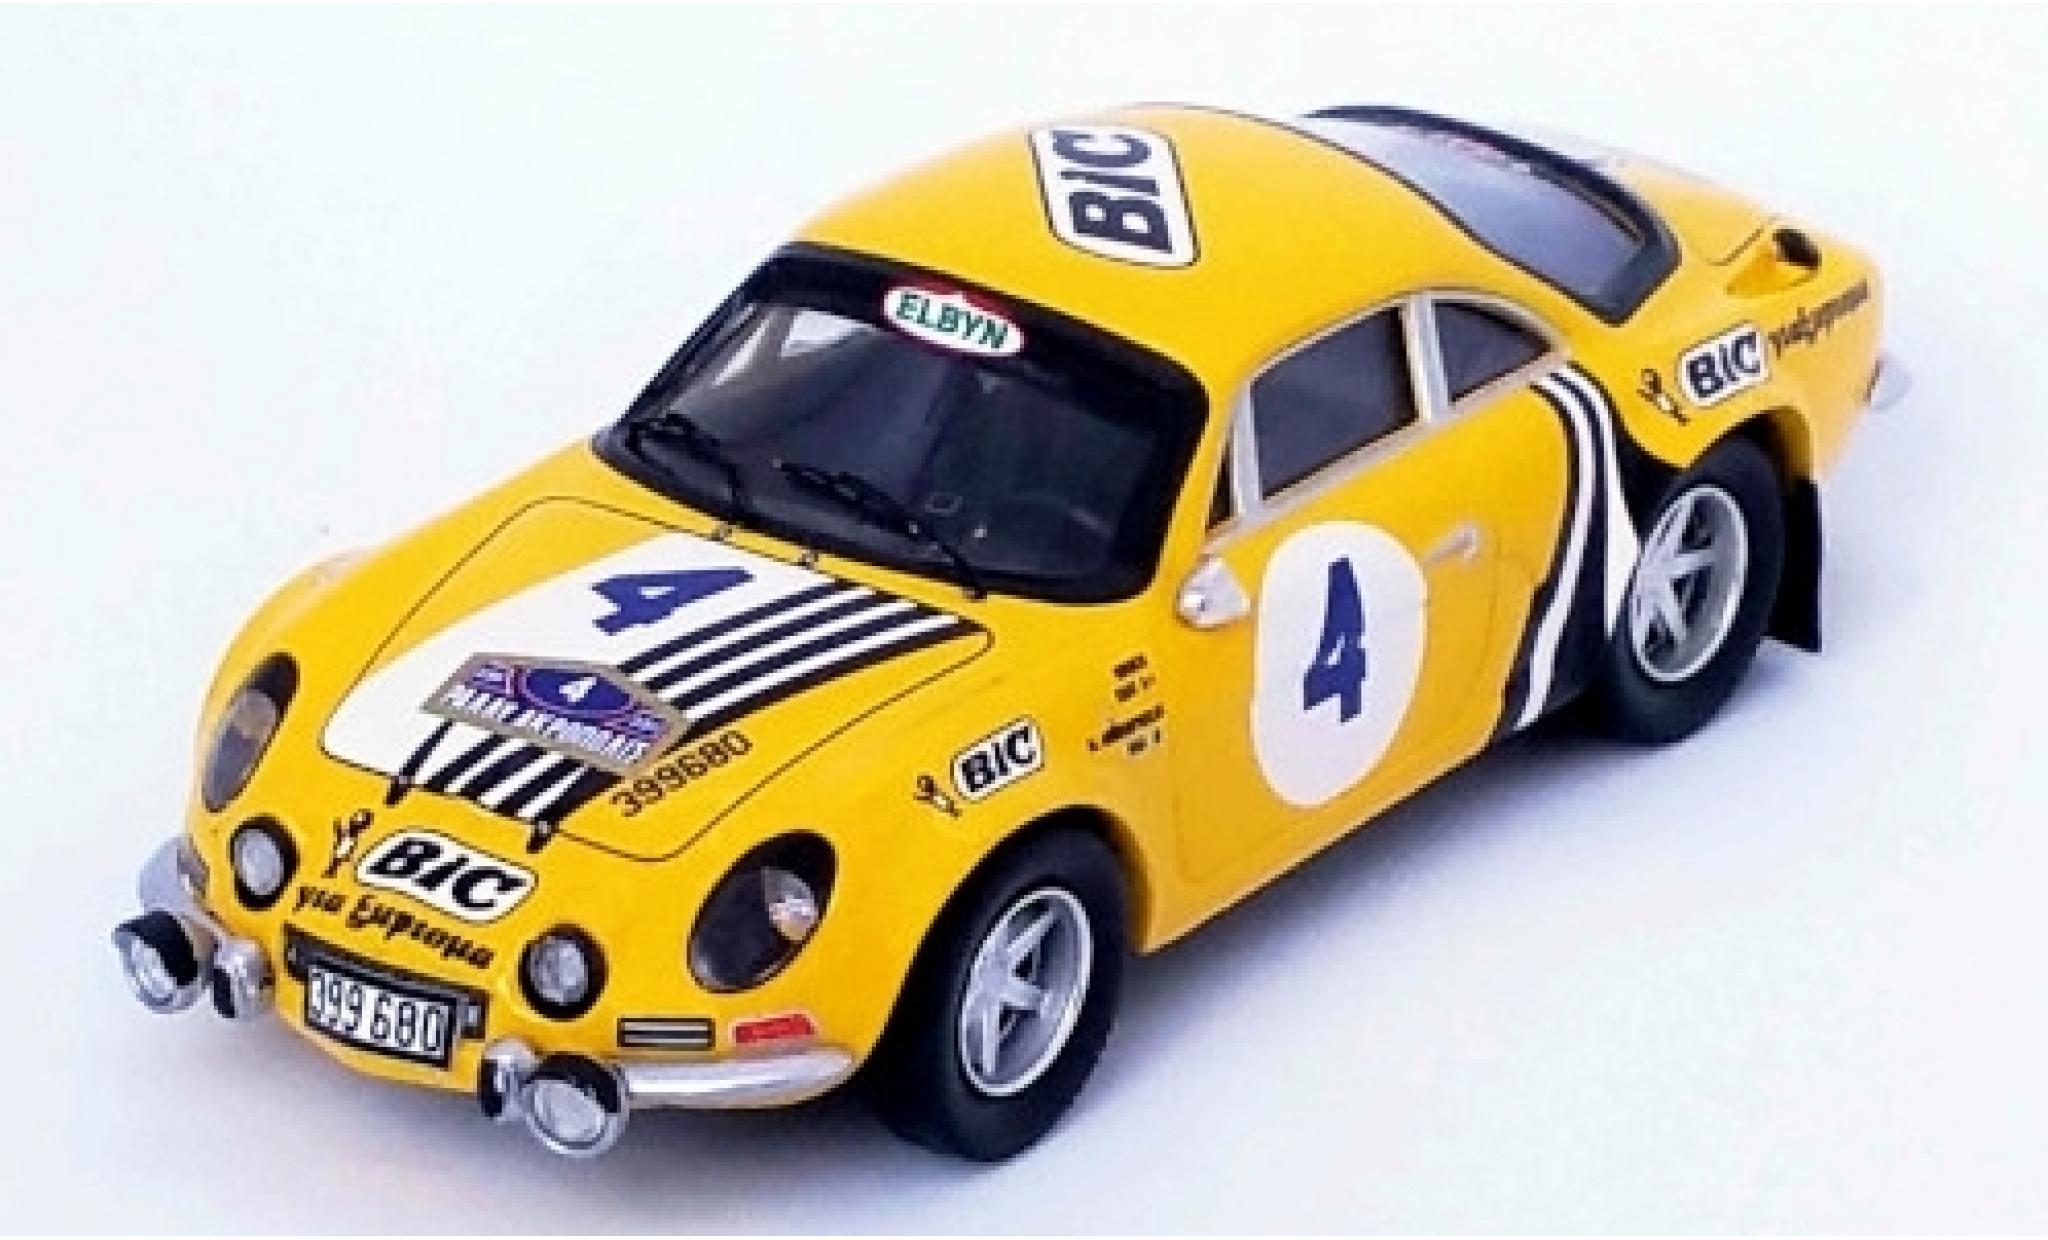 Alpine A110 1/43 Trofeu Renault No.4 BIC Rallye WM Rallye Acropolis 1976 Siroco/M.Andriopoulos